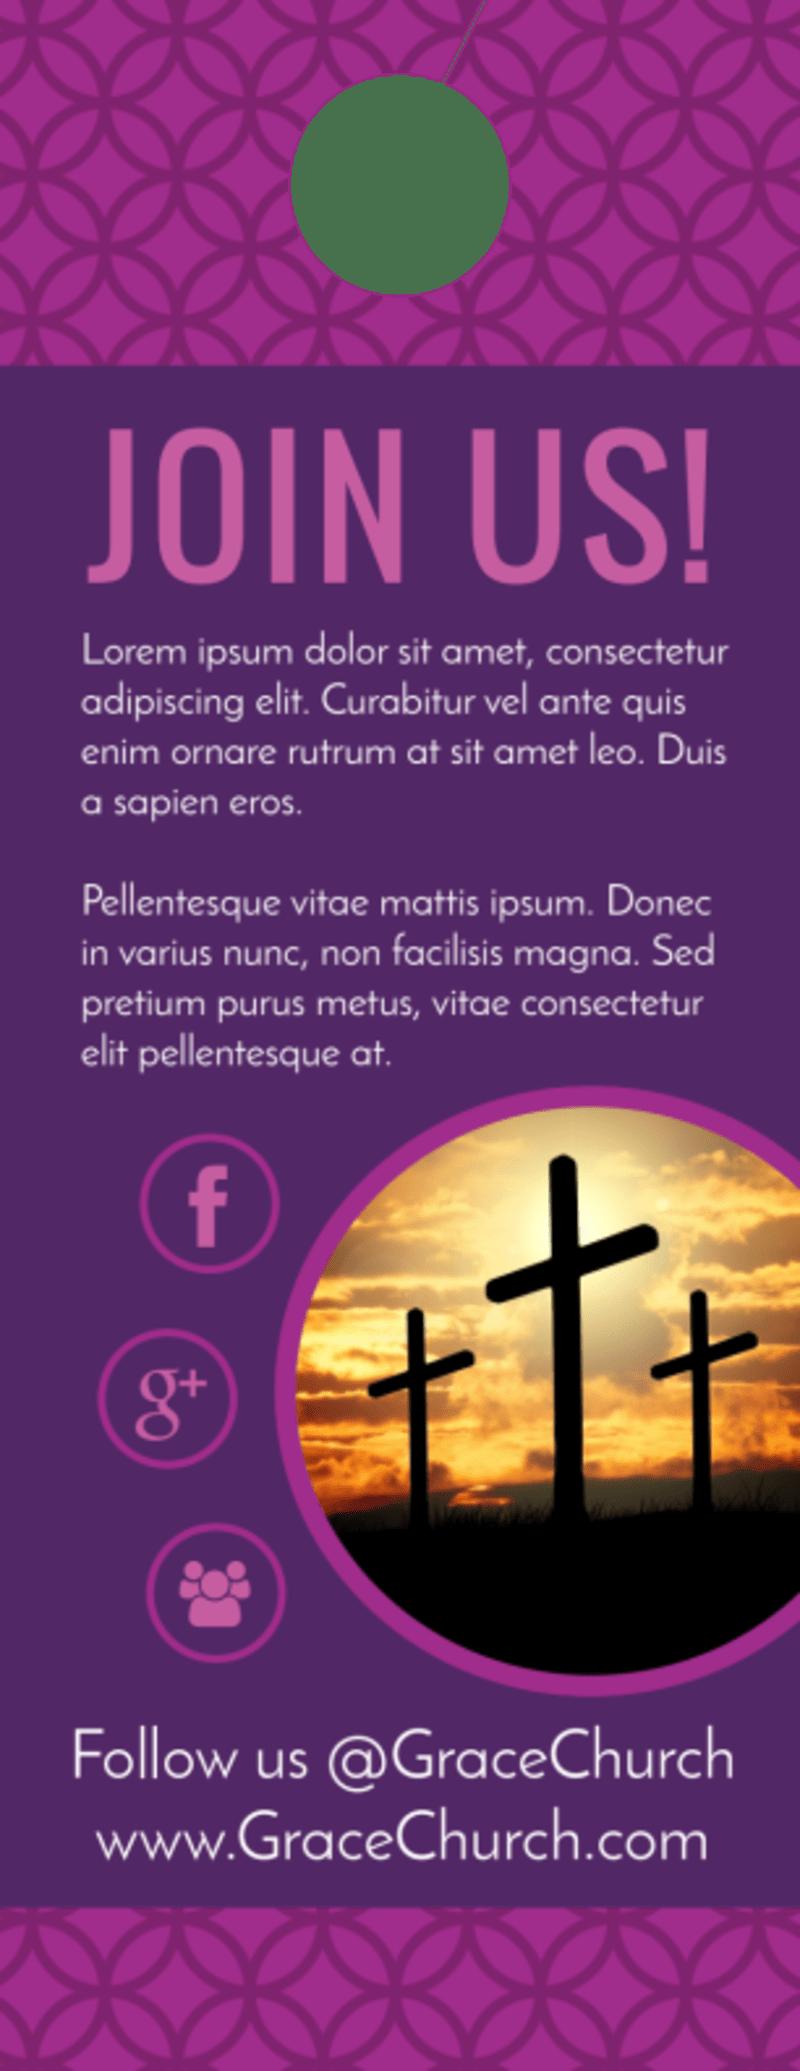 Join Us Church Door Hanger Template Preview 3